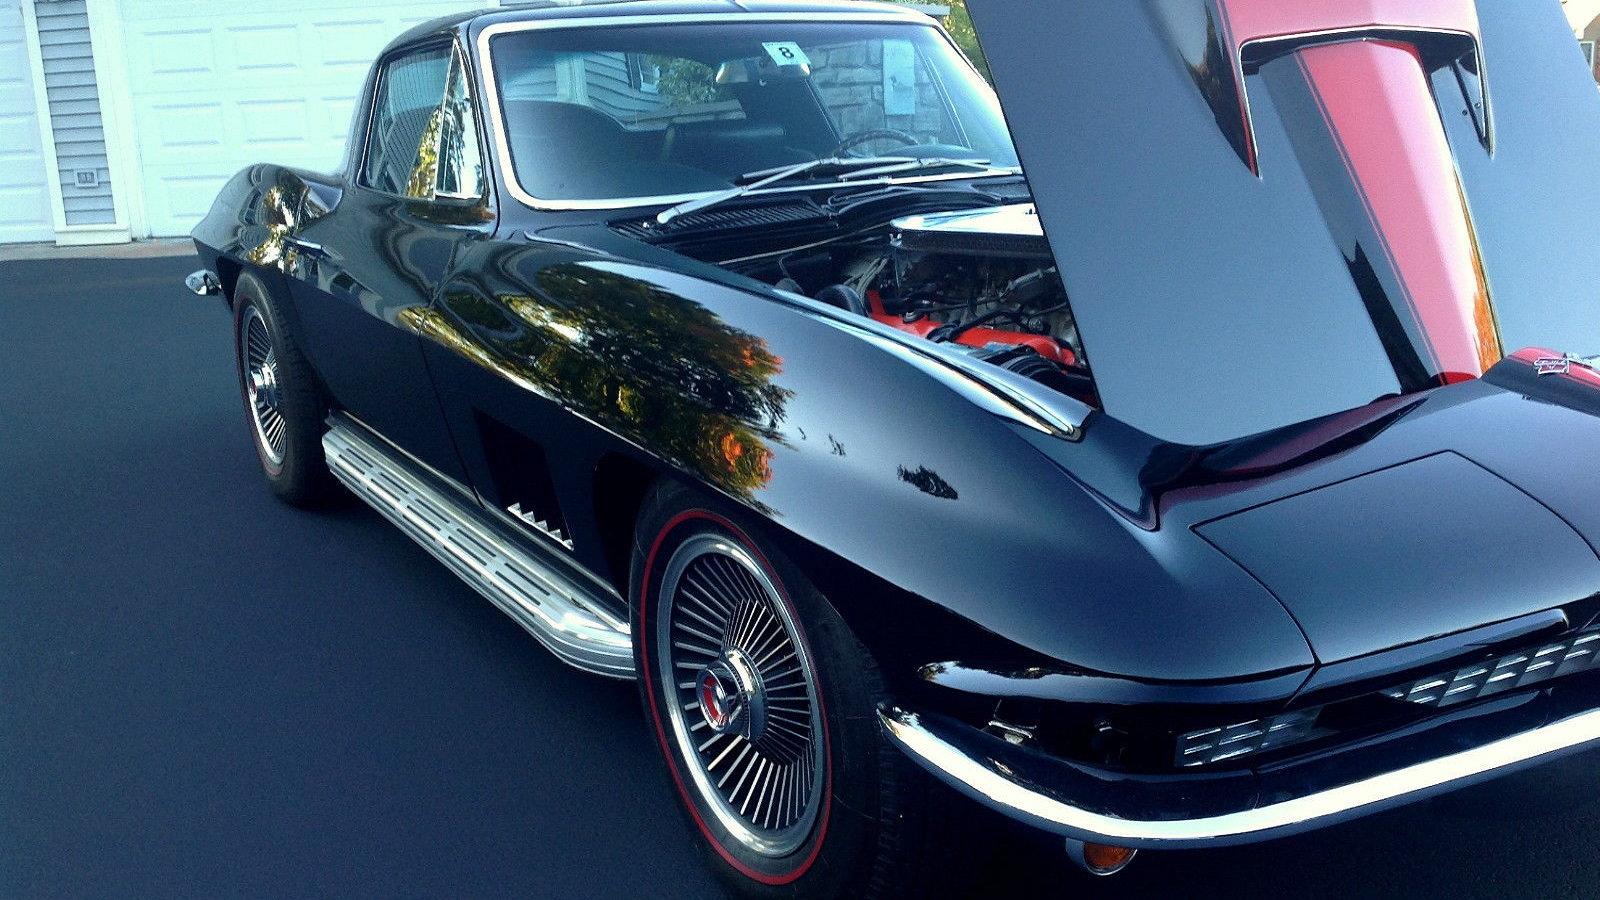 1967 Chevrolet Corvette - $109,950